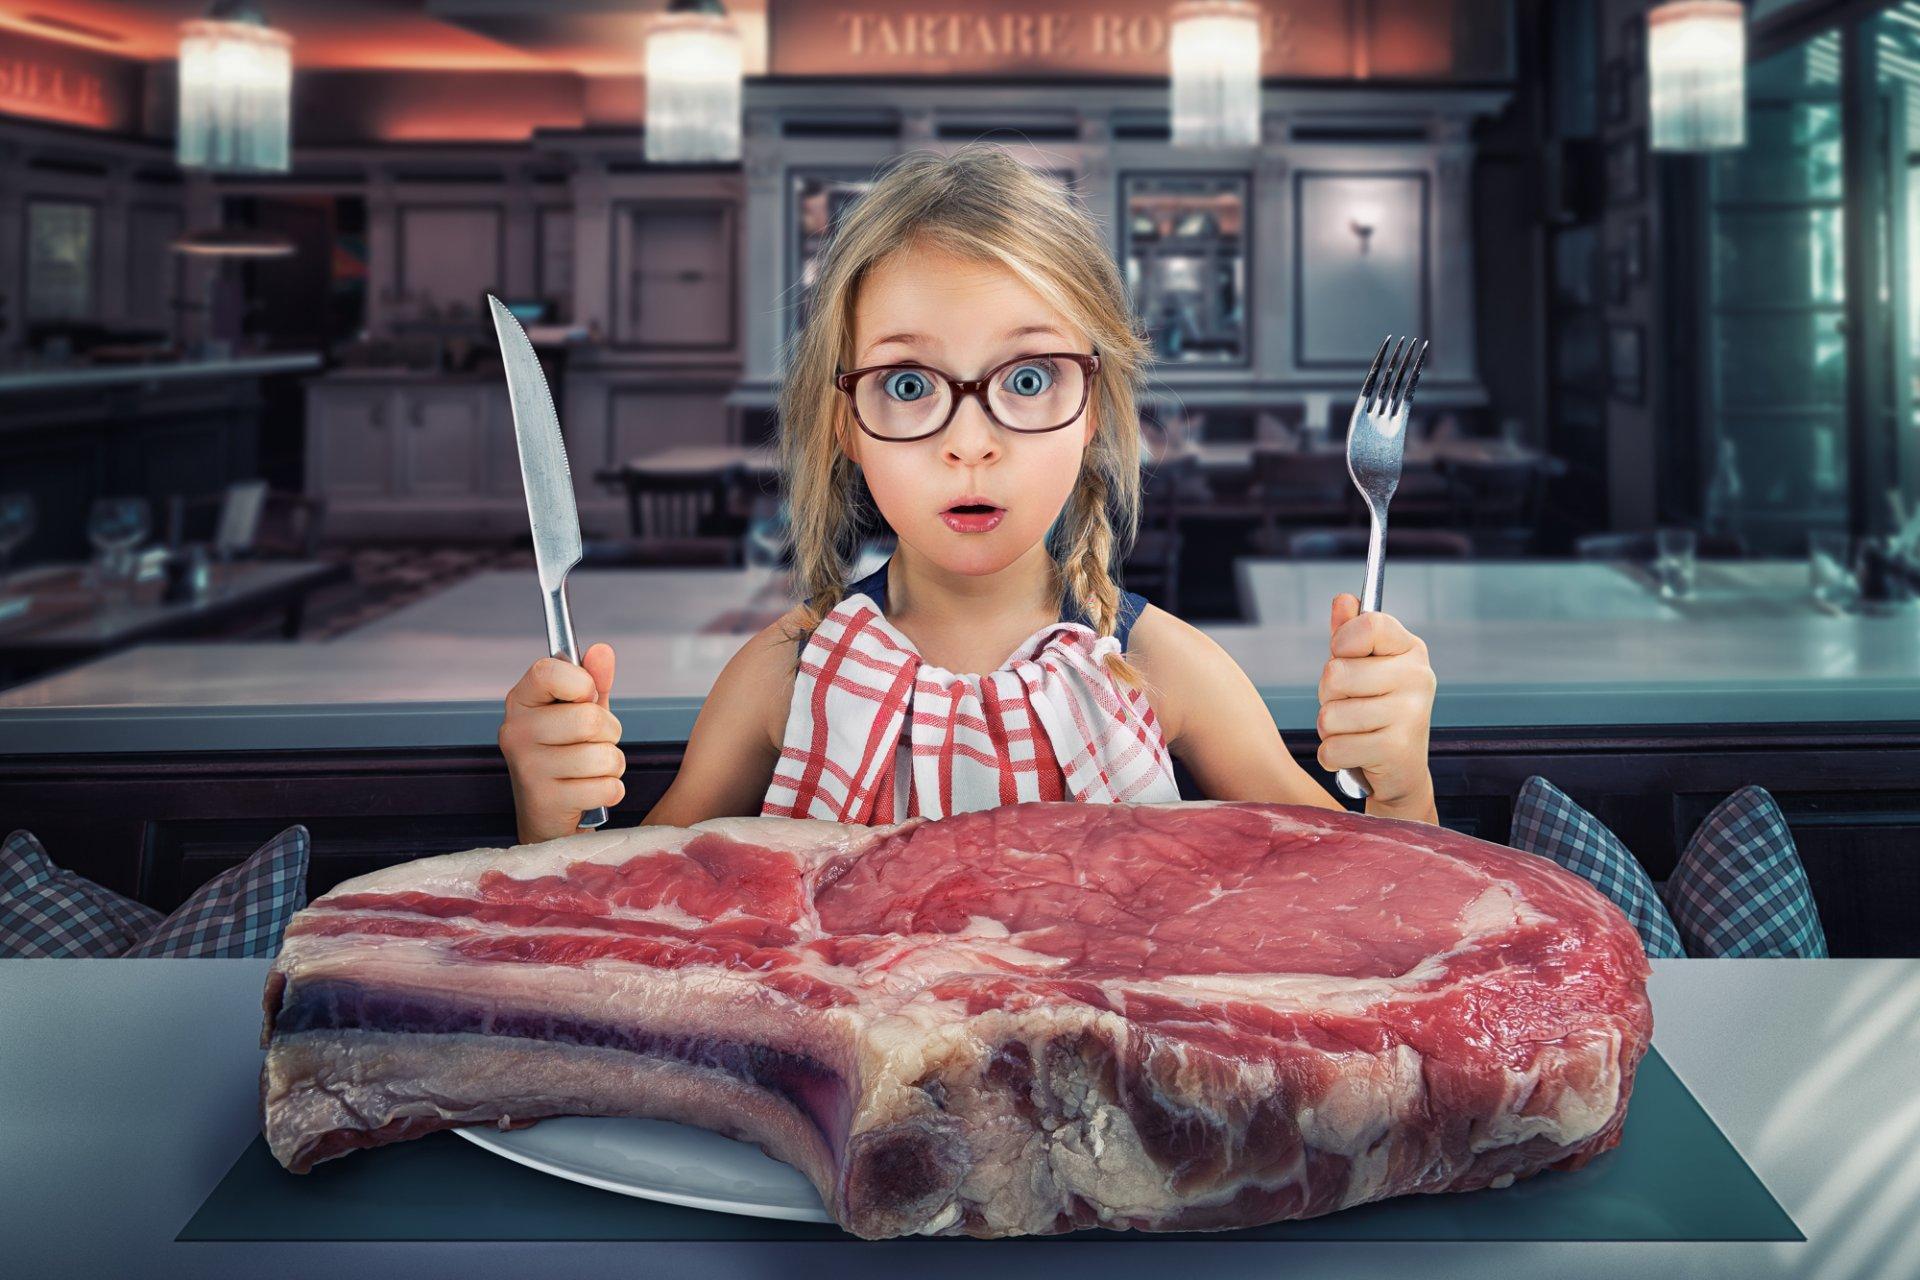 Молодое поколение начнет привыкать с детства. И возможно - привыкнет?!